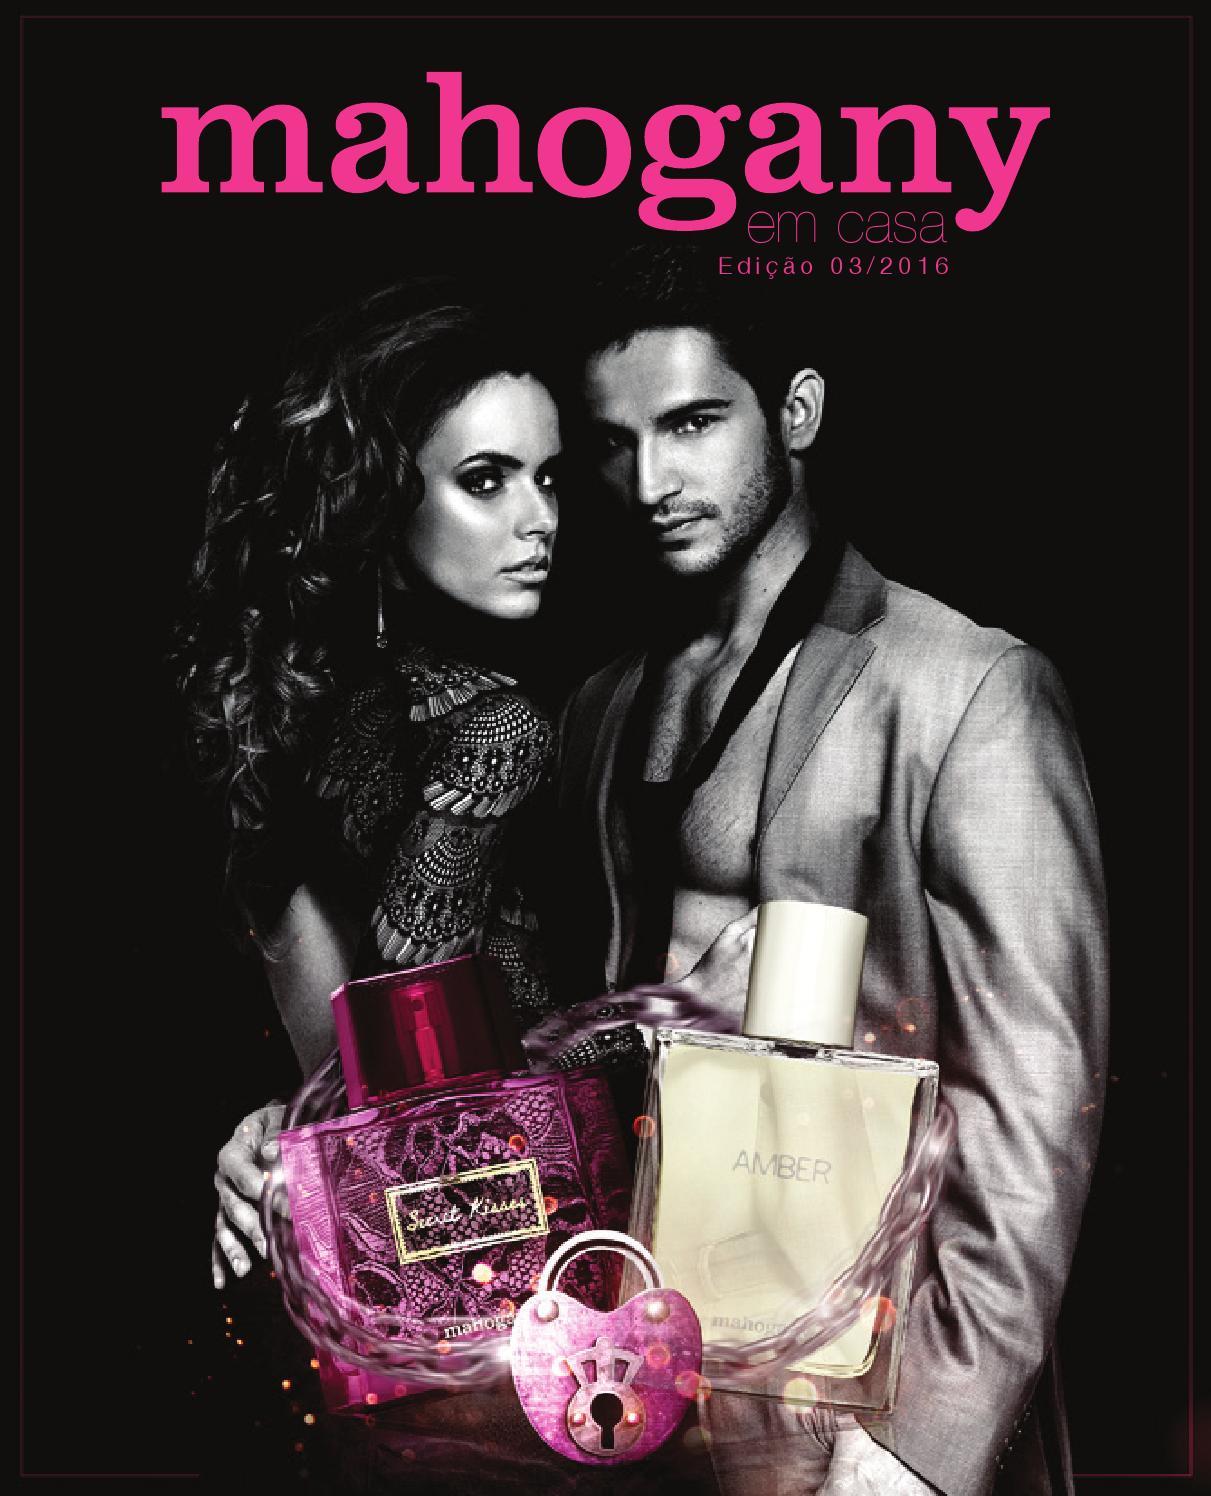 708cc7435 Mahogany - Catálogo Mahogany em Casa (Edição 03 2016) by Mahogany Cosméticos  - issuu